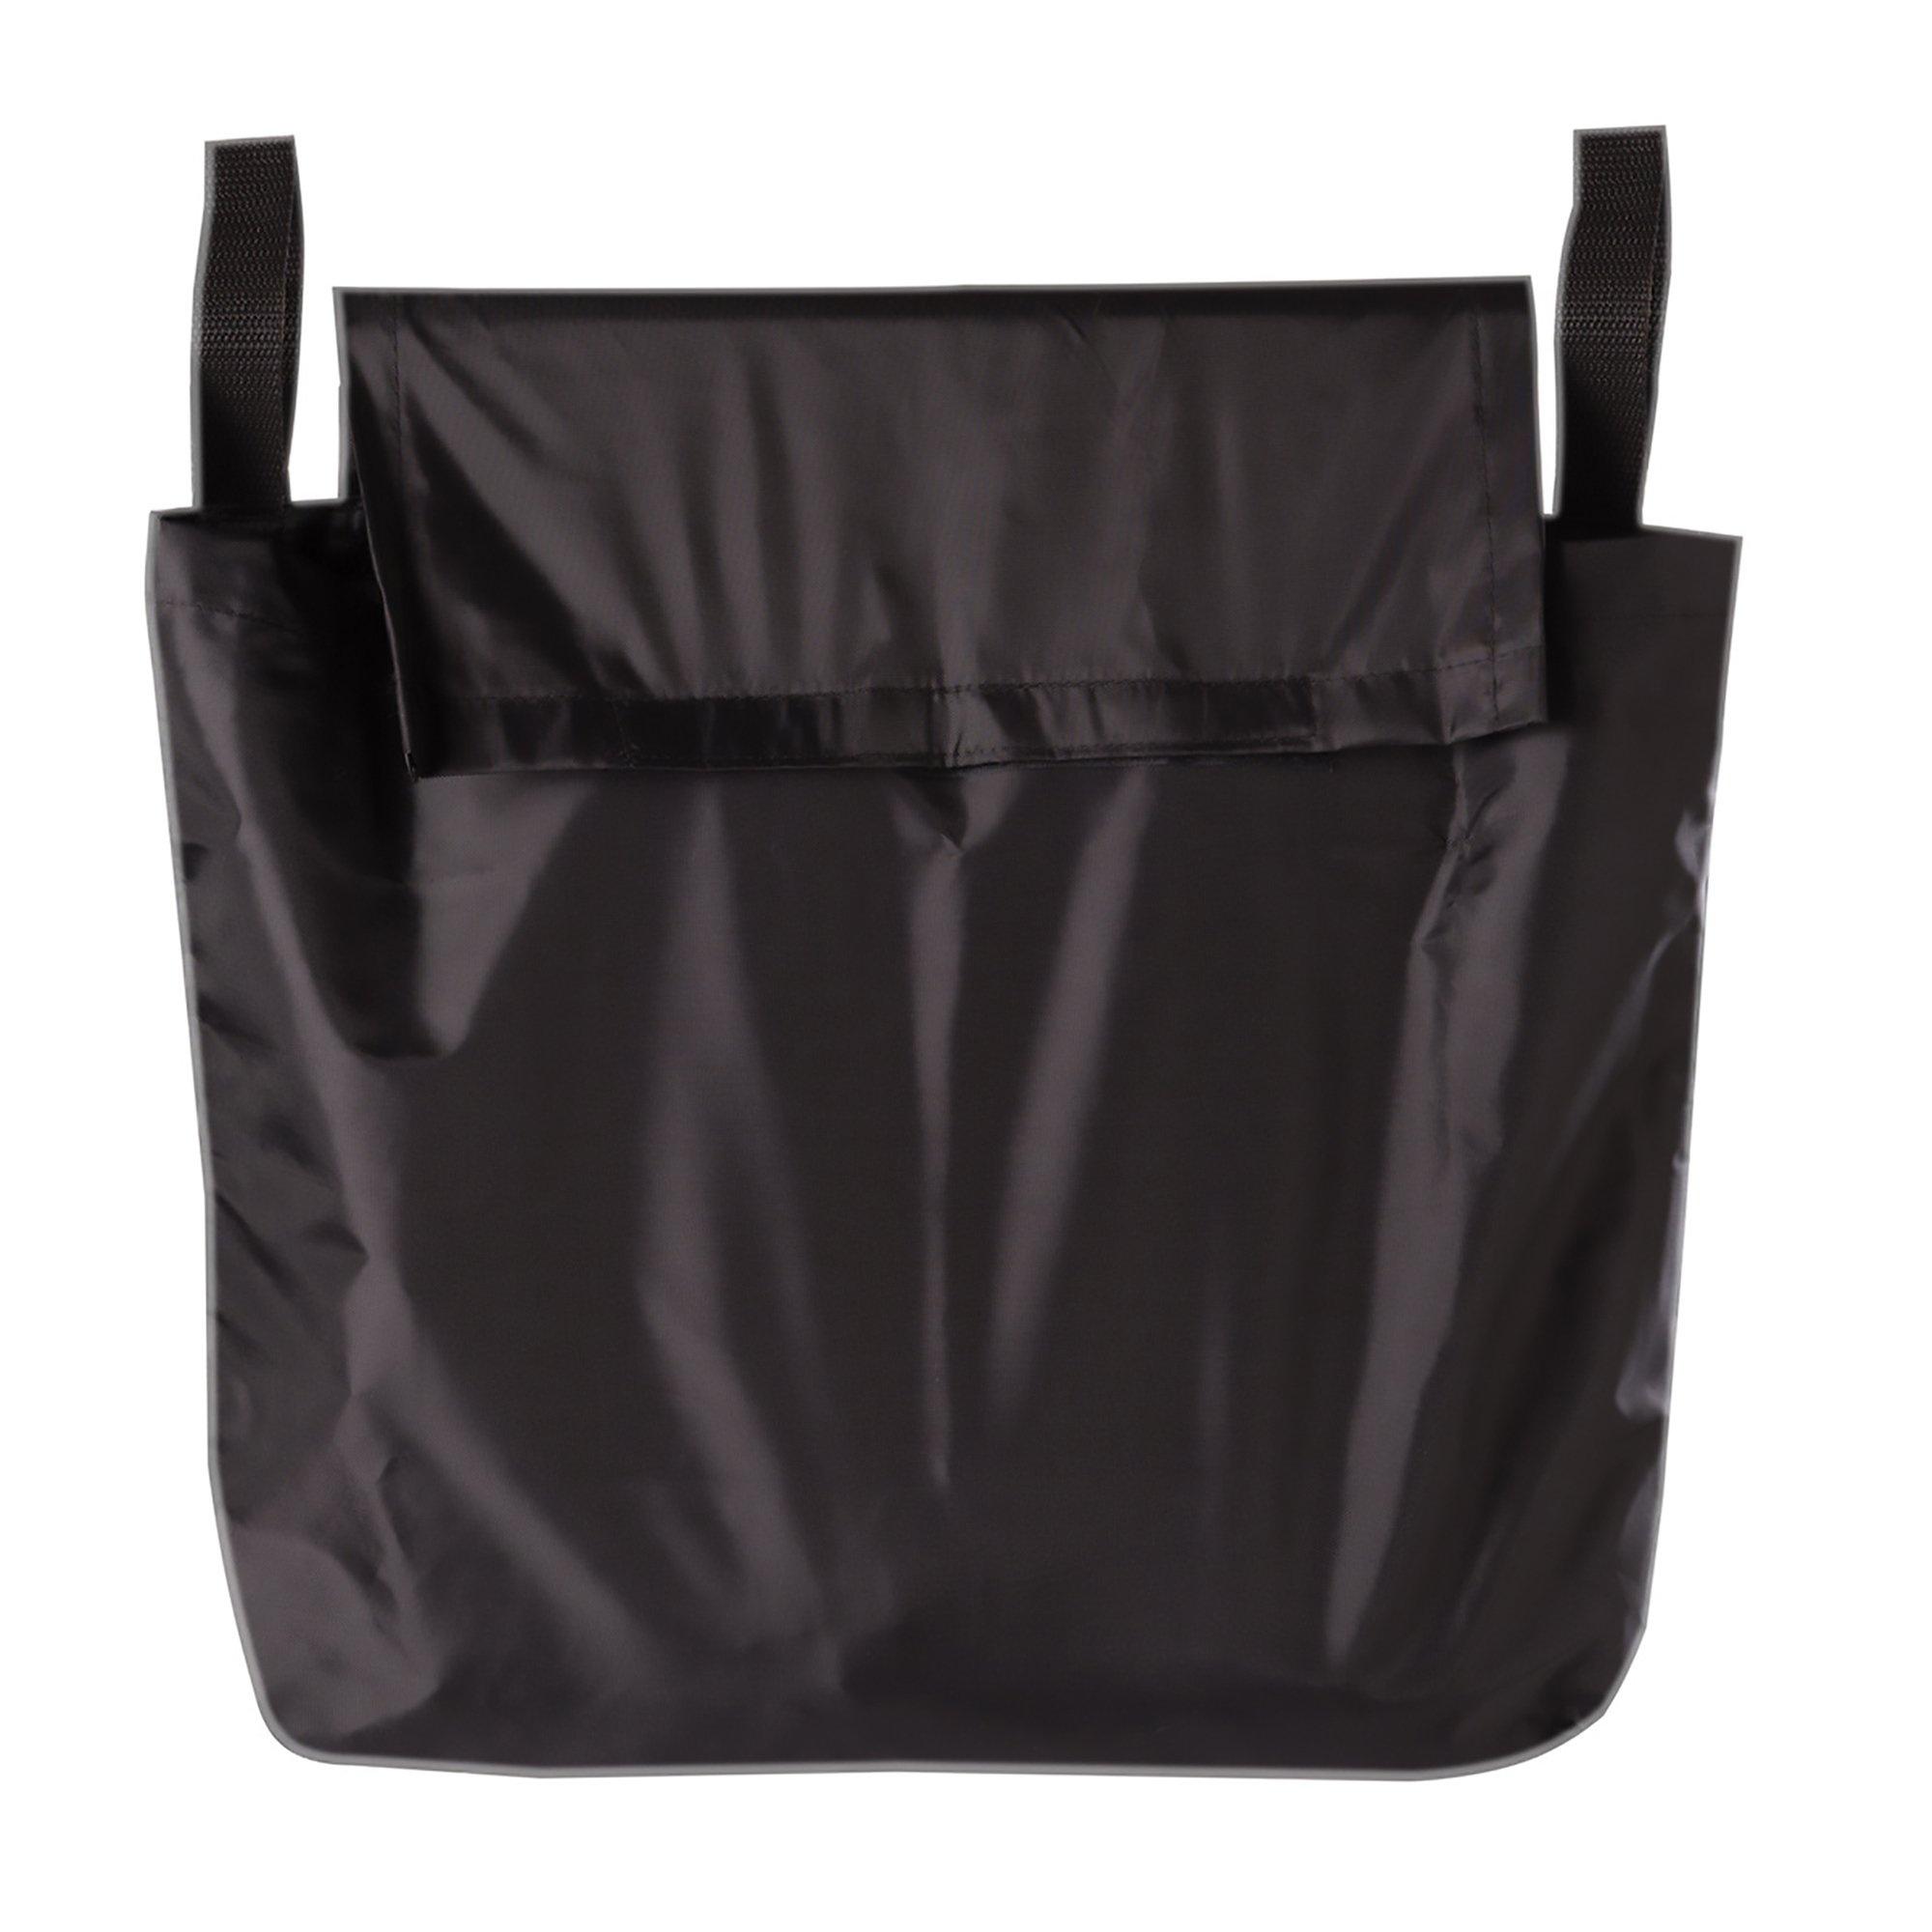 Mabis Wheelchair Bag, 517-1072-0200, 1 Each